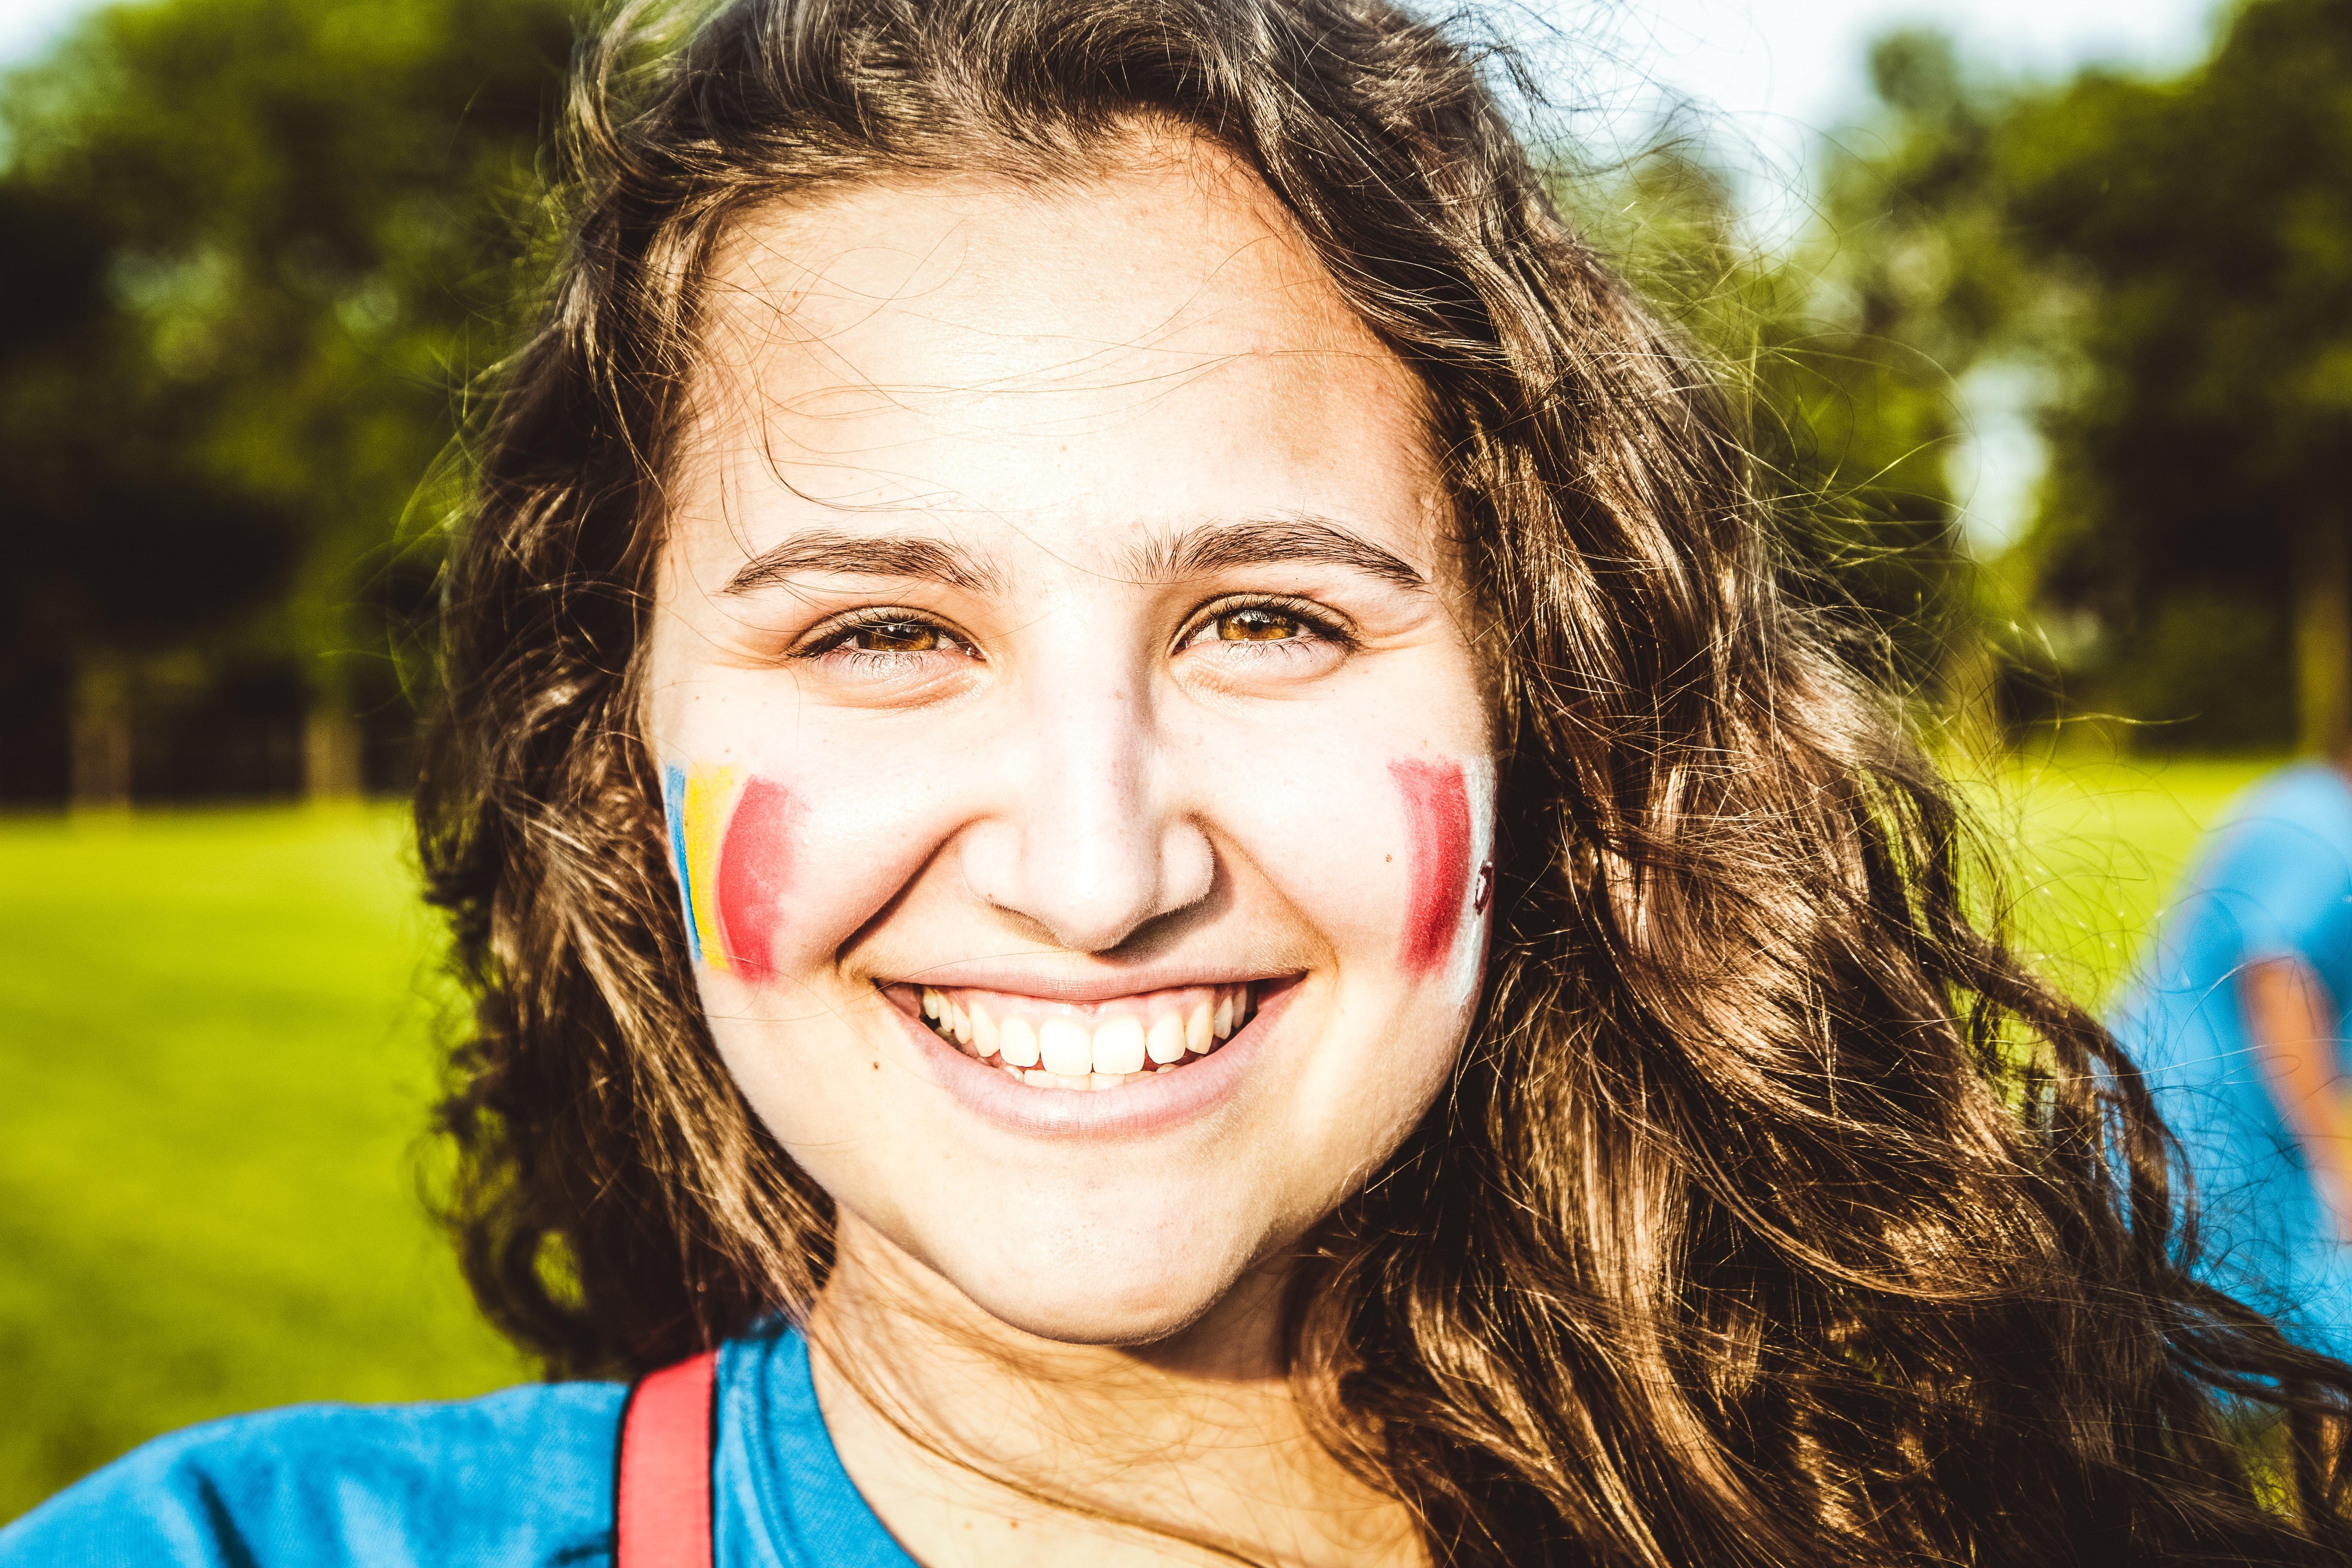 smiling woman closeup photography